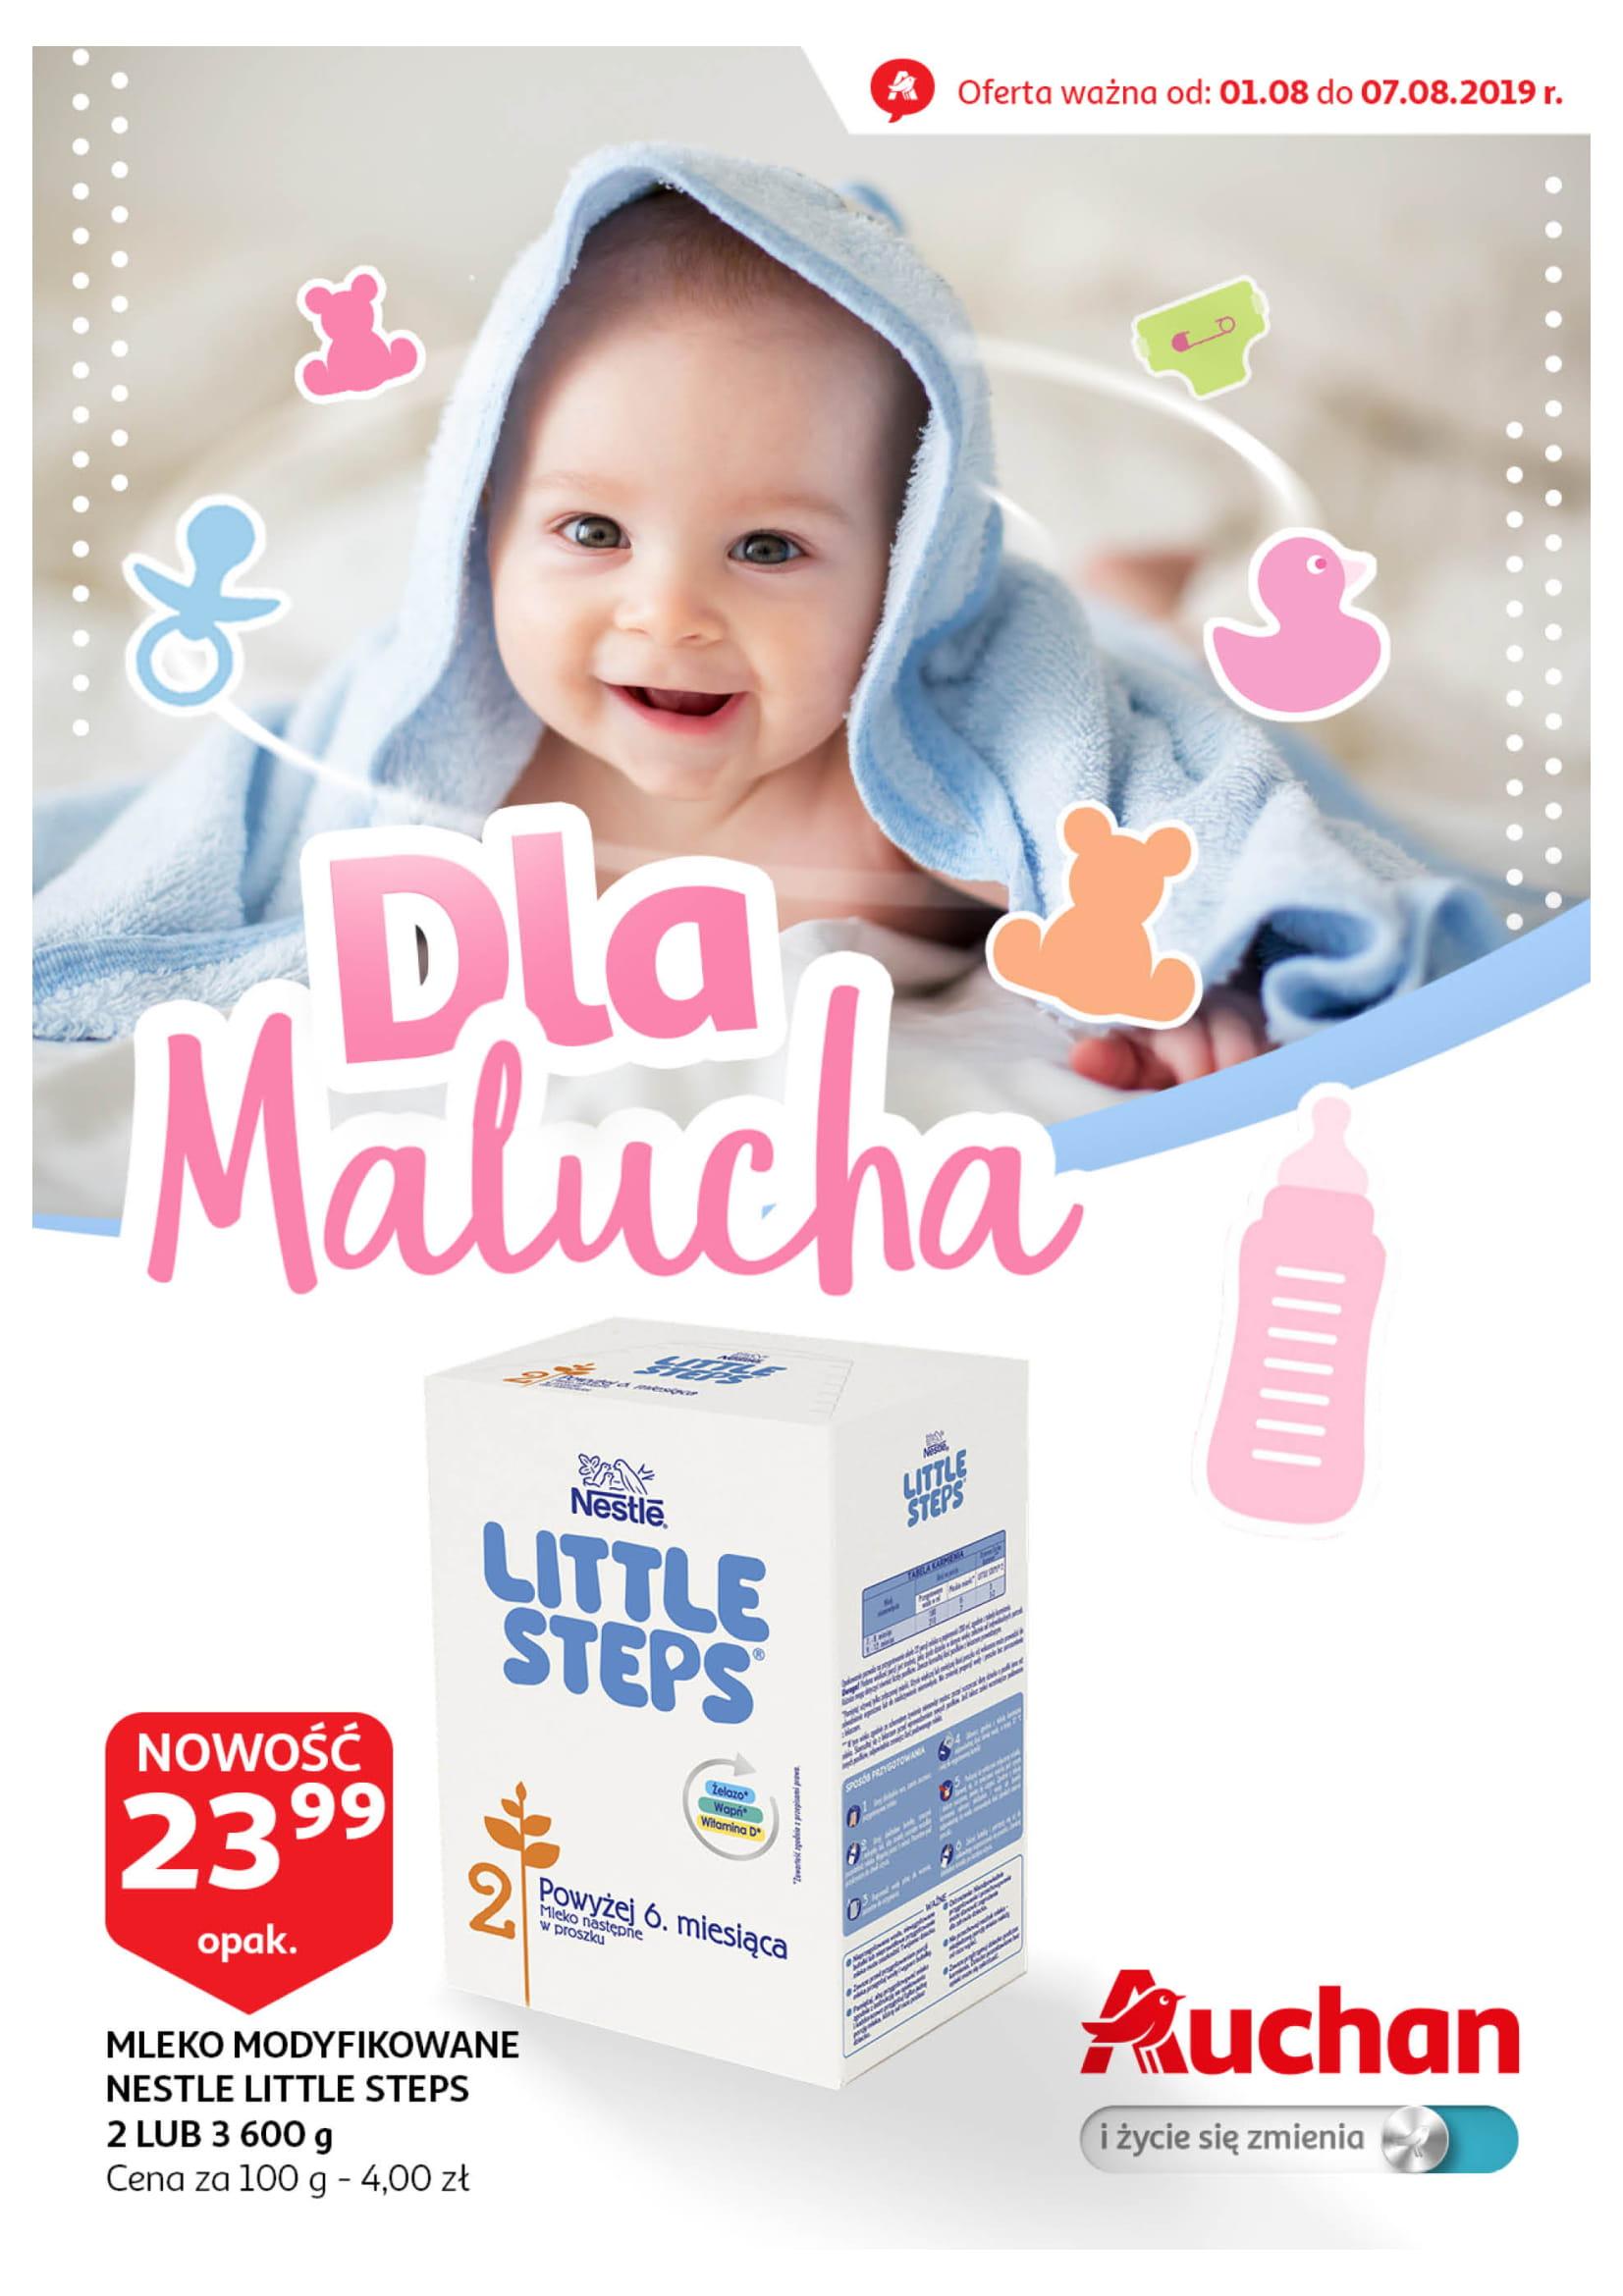 Auchan: Gazetka Wszystko dla dziecka od 01.08 – 07.08